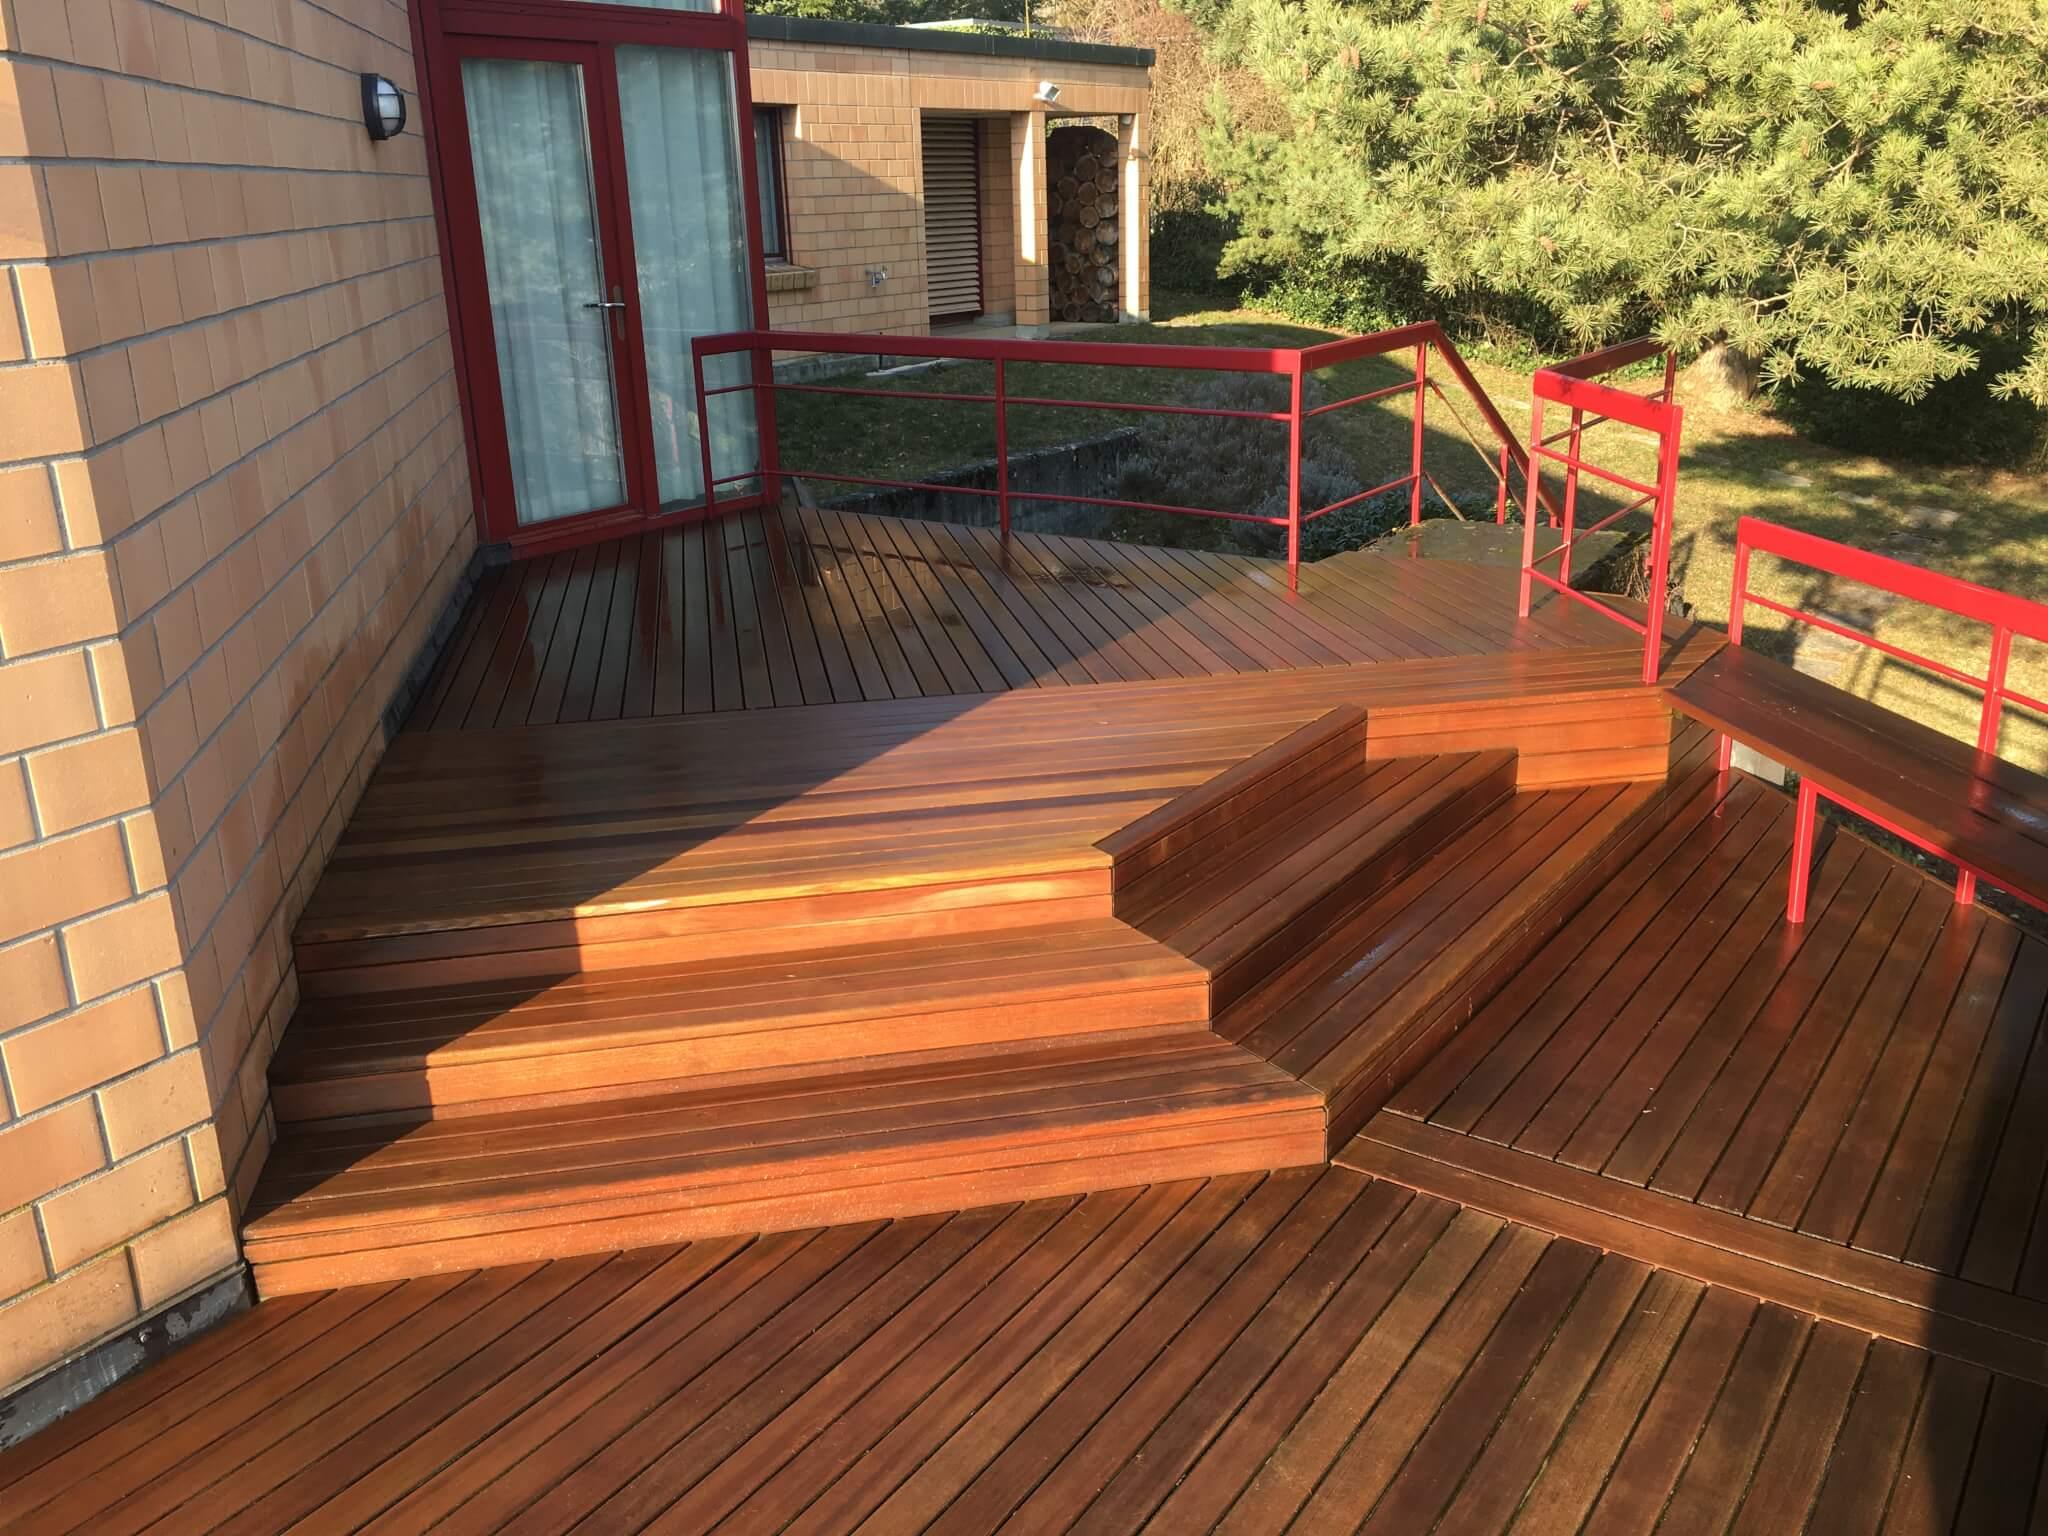 Holzterrasse mit Stufe Formare 15